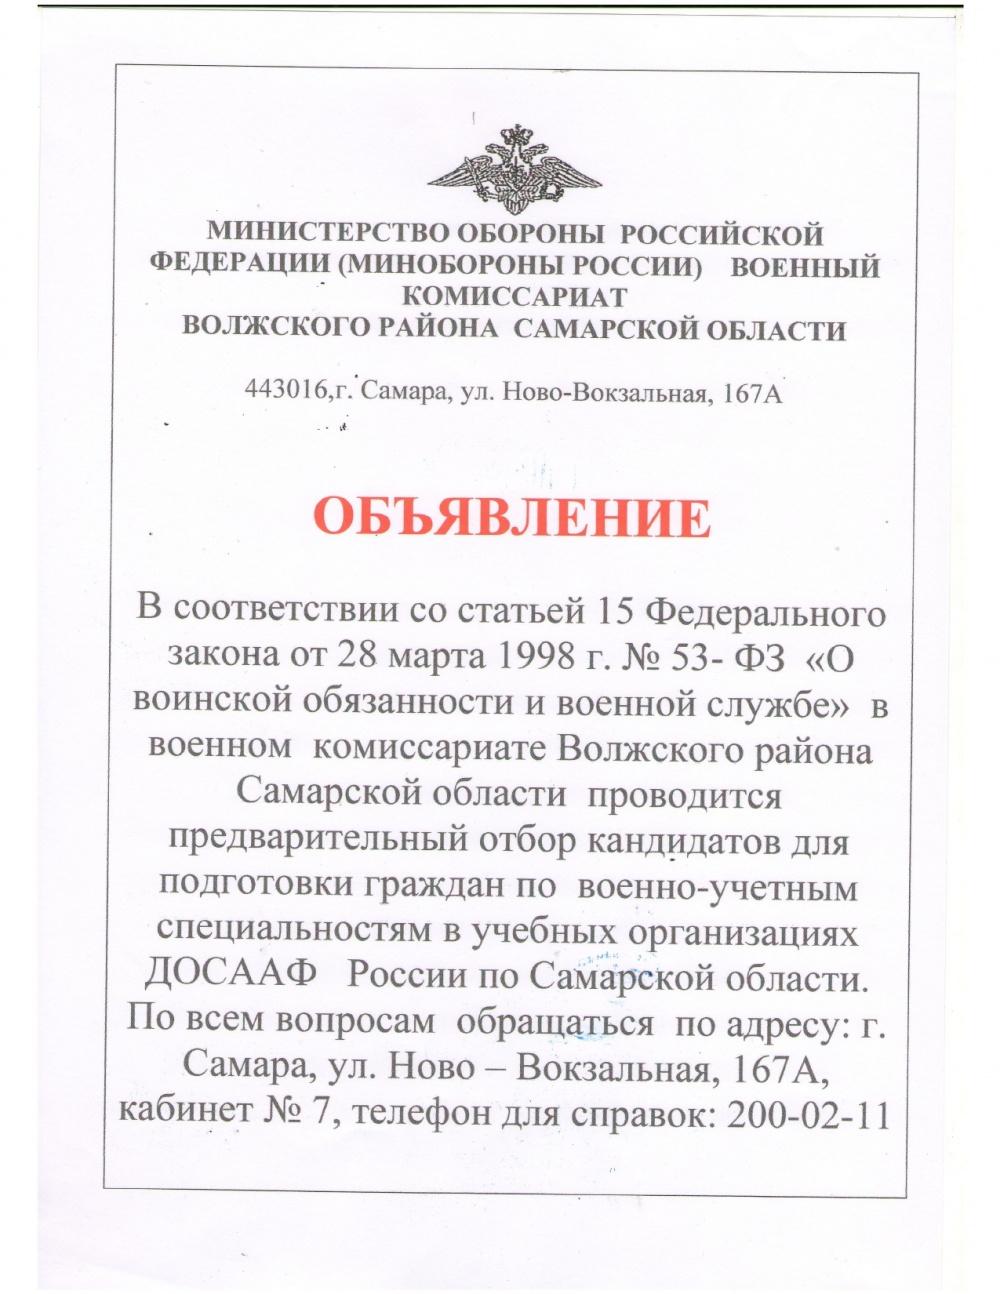 Предварительный отбор кандидатов для подготовки граждан по военно-учетным специальностям в учебных организациях